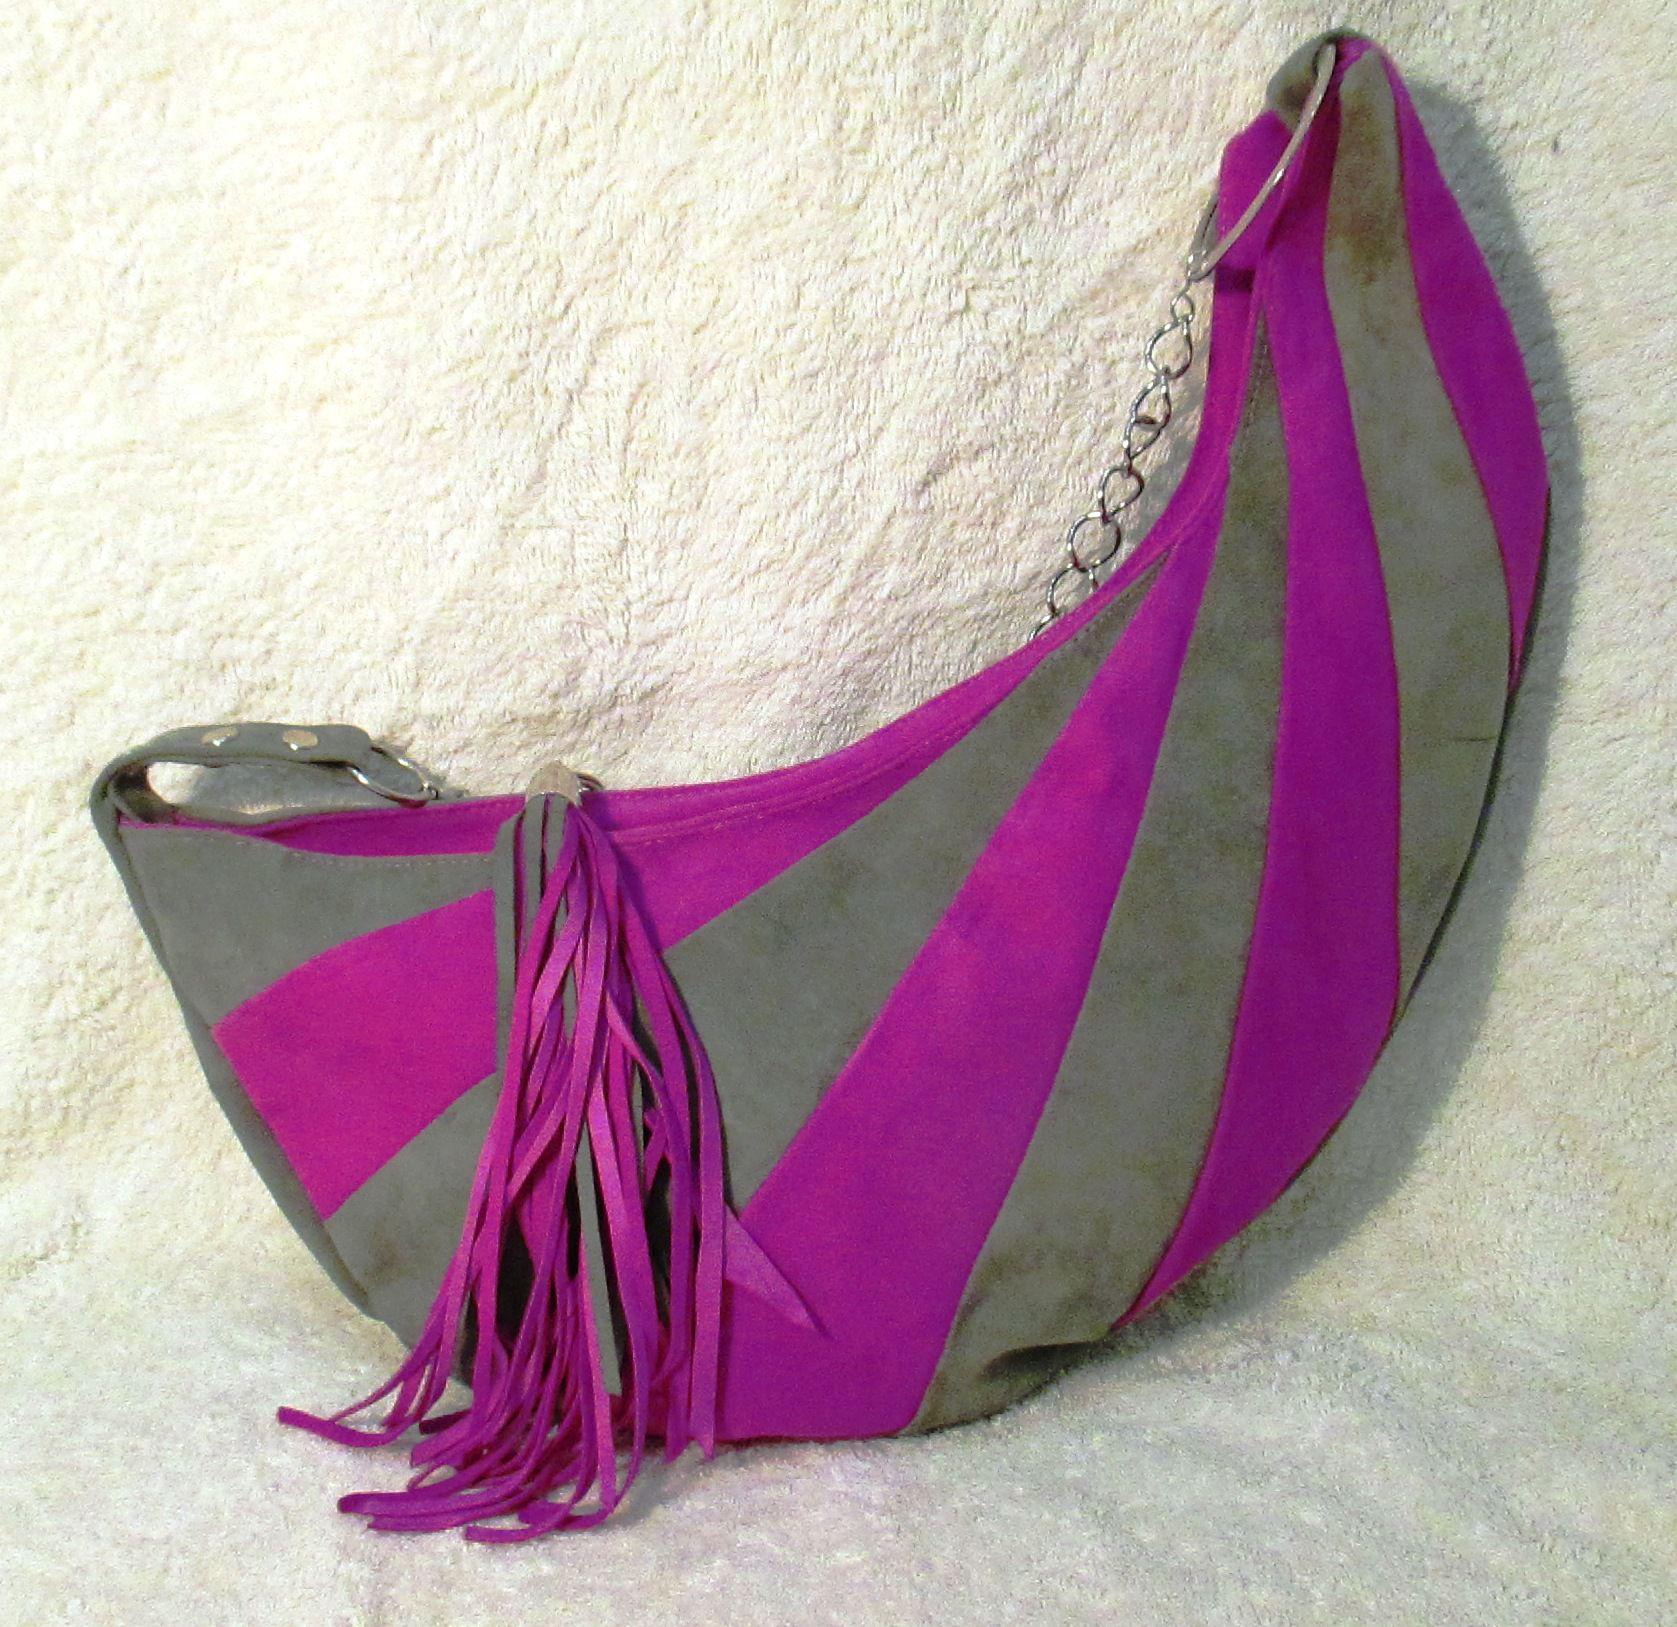 замшевая серая сумочку сумочки эффектная замши замша яркая сумка сумочка ручная авторская в оригинальные купить из работа стильная подарок